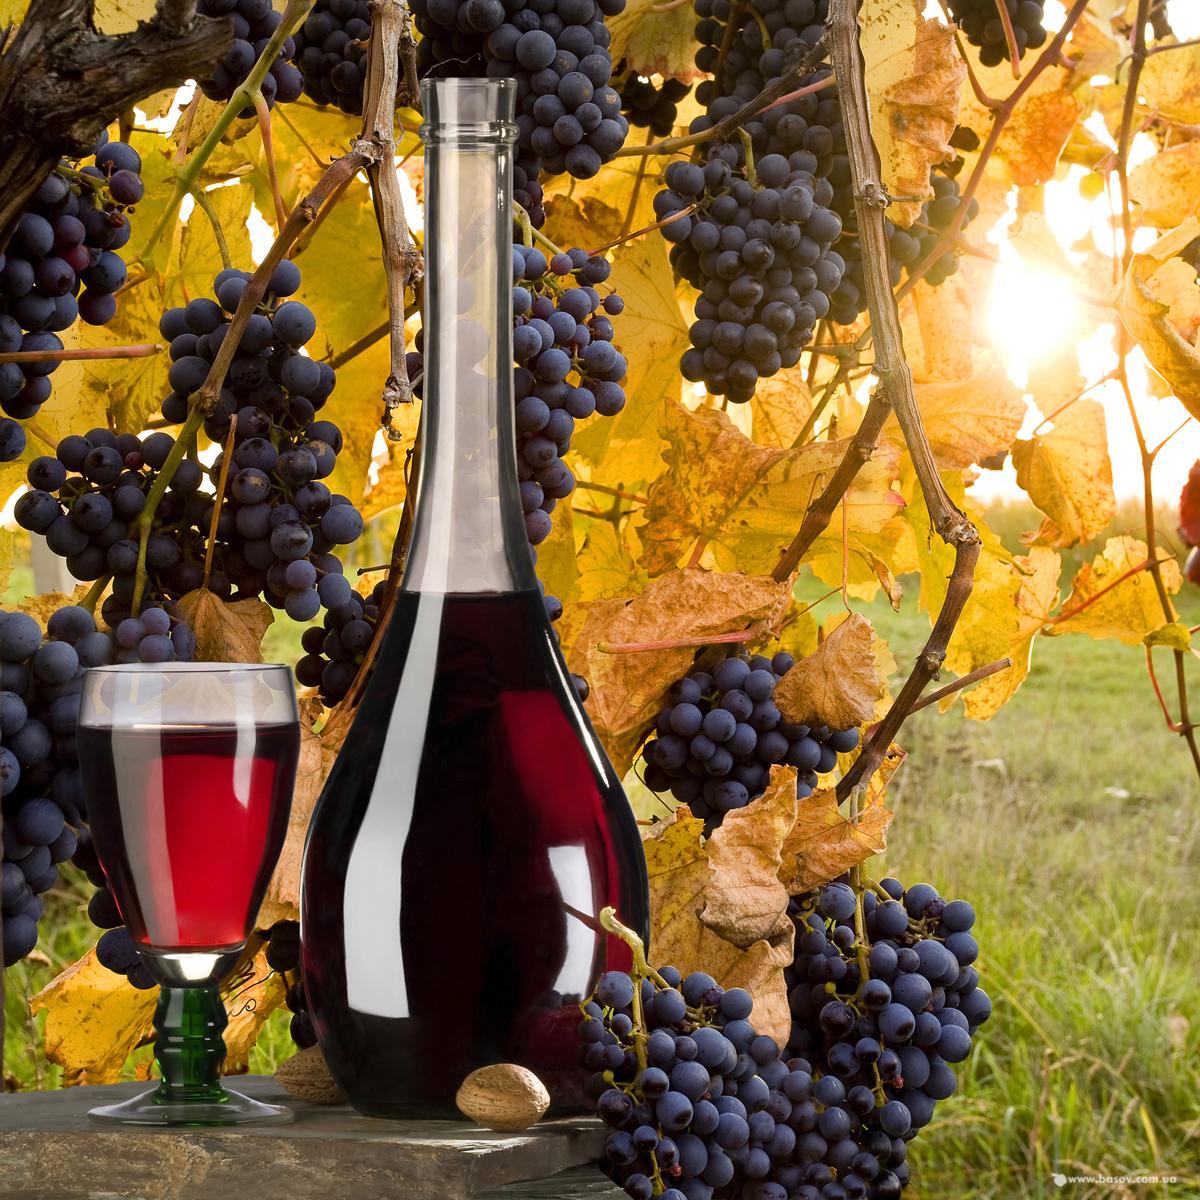 виноград для вина, красное вино, скачать фото, обои для рабочего стола